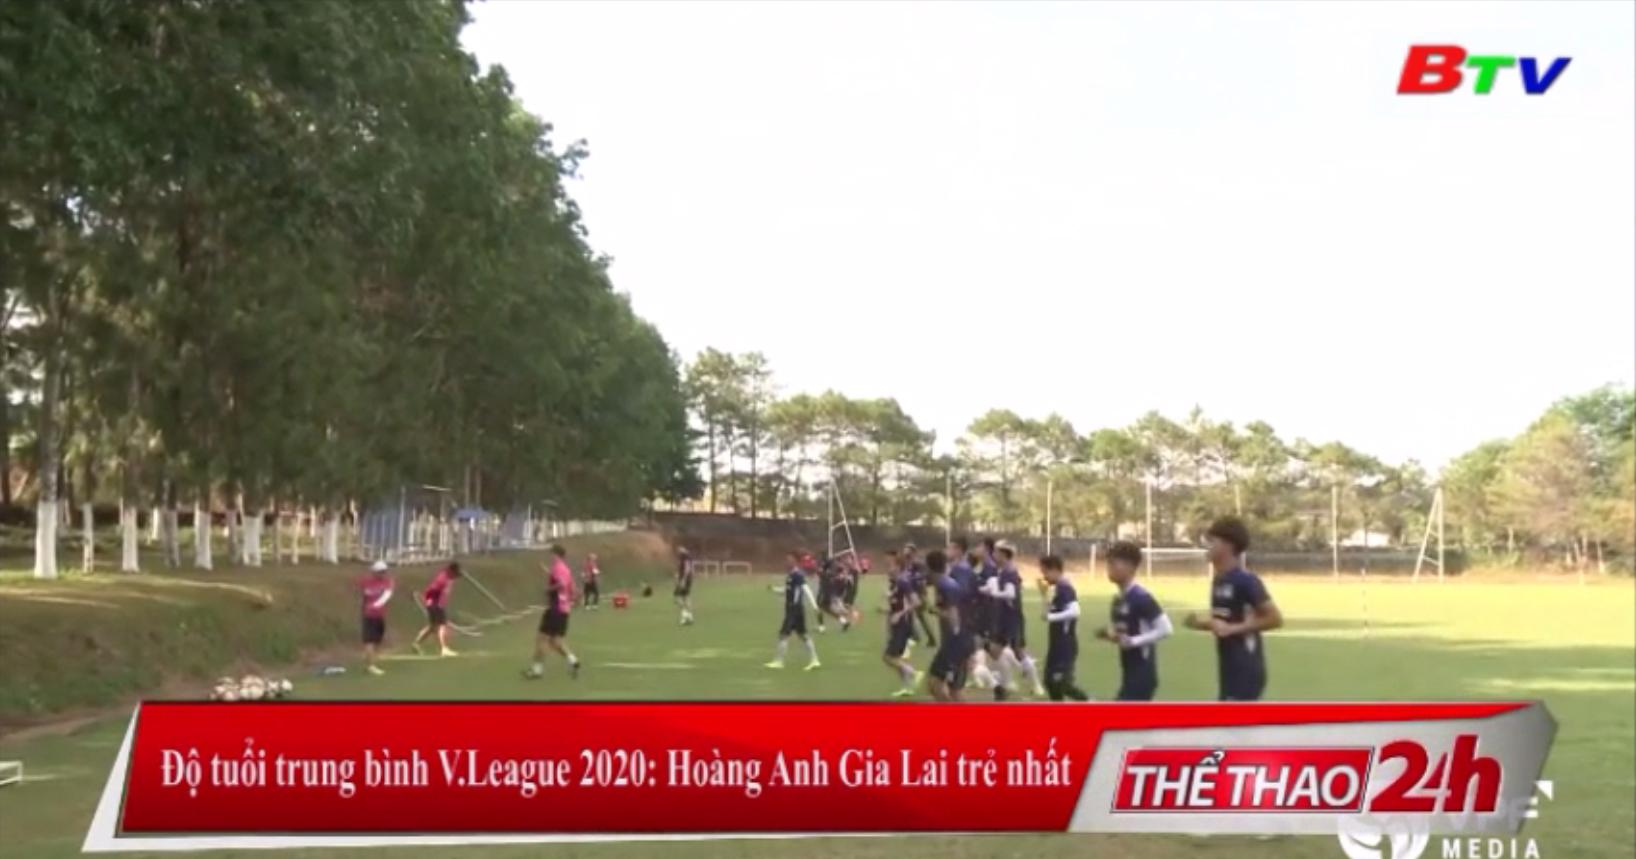 Độ tuổi trung bình V-League 2020 – Hoàng Anh Gia Lai trẻ nhất